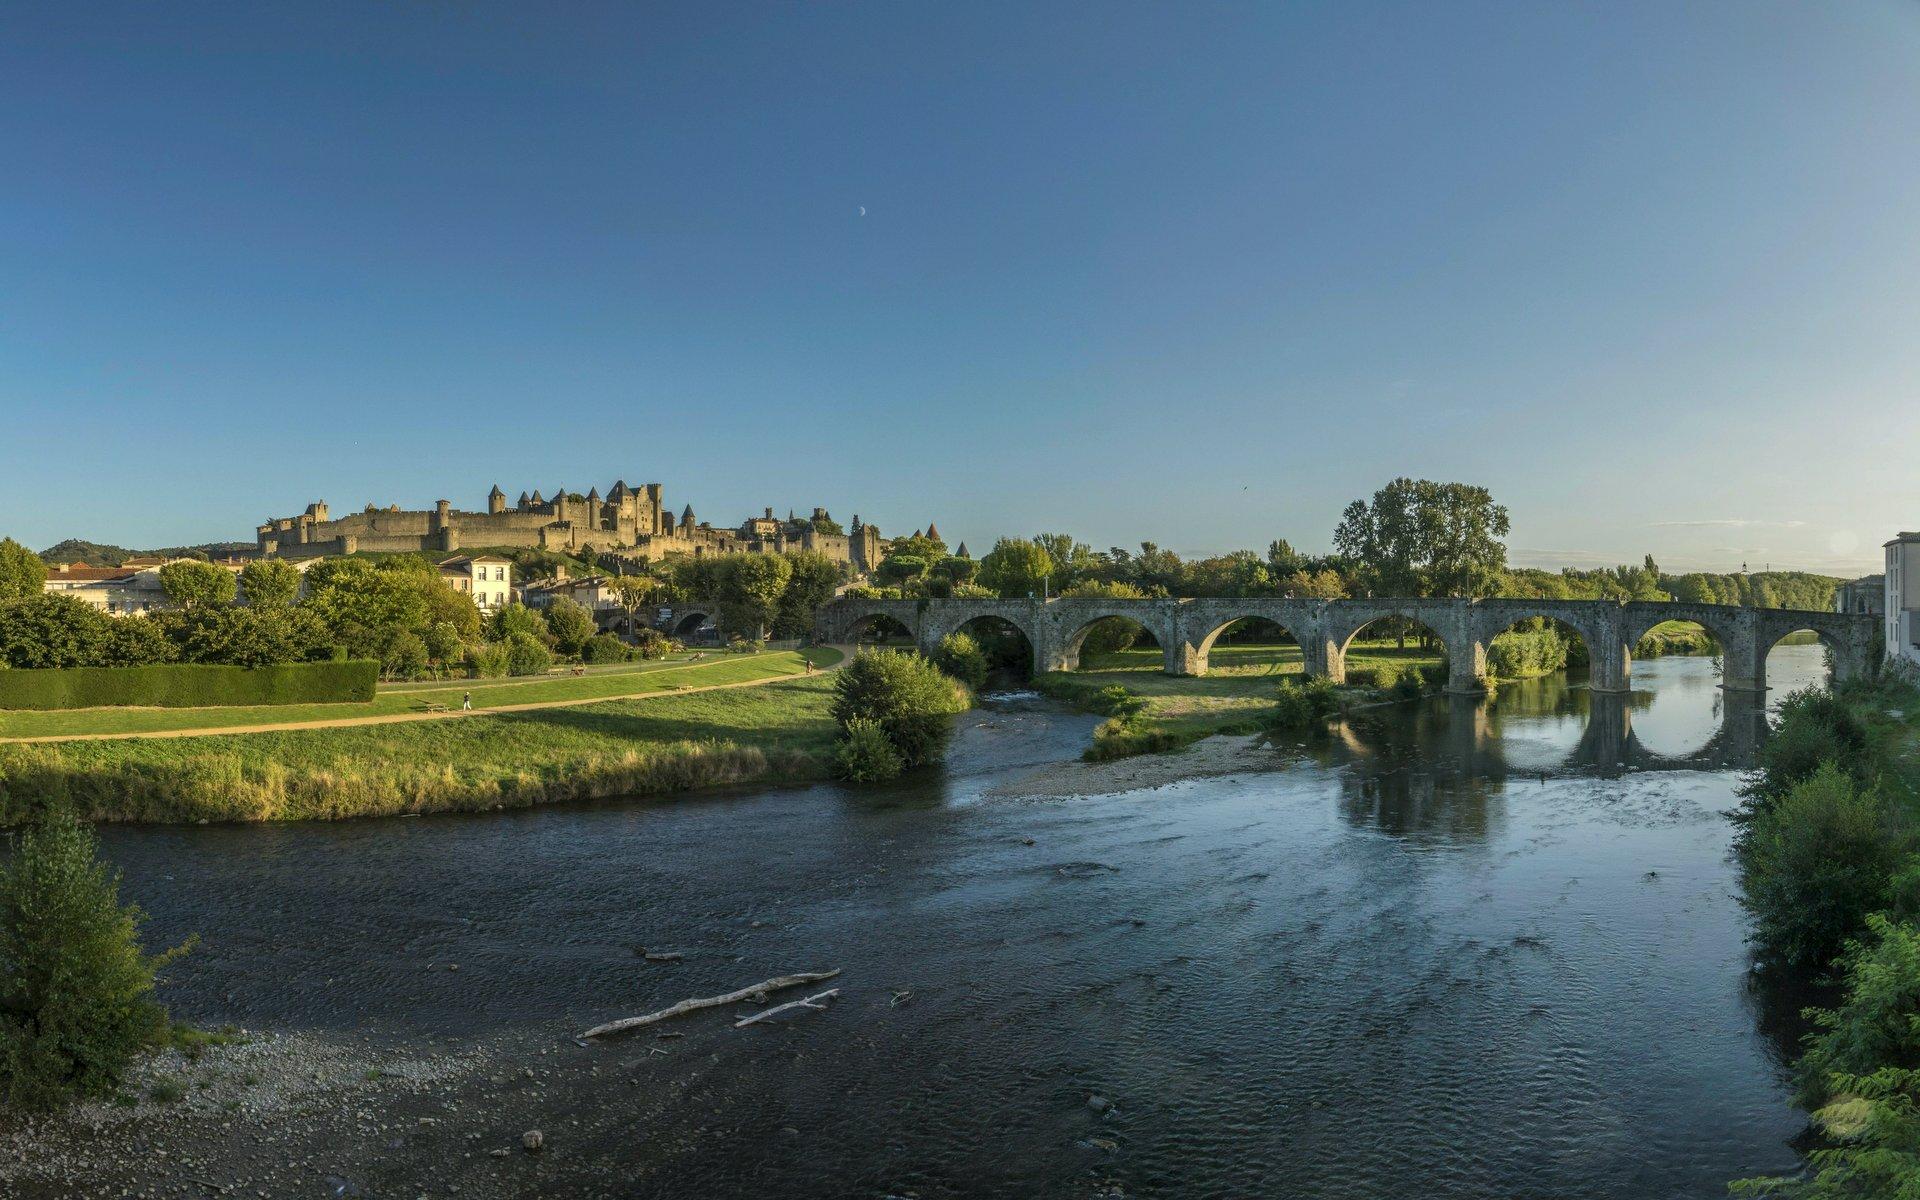 Blick auf die Cité Carcassonne, die Pont Vieux und den Aude von der Pont Neuf in Carcassonne